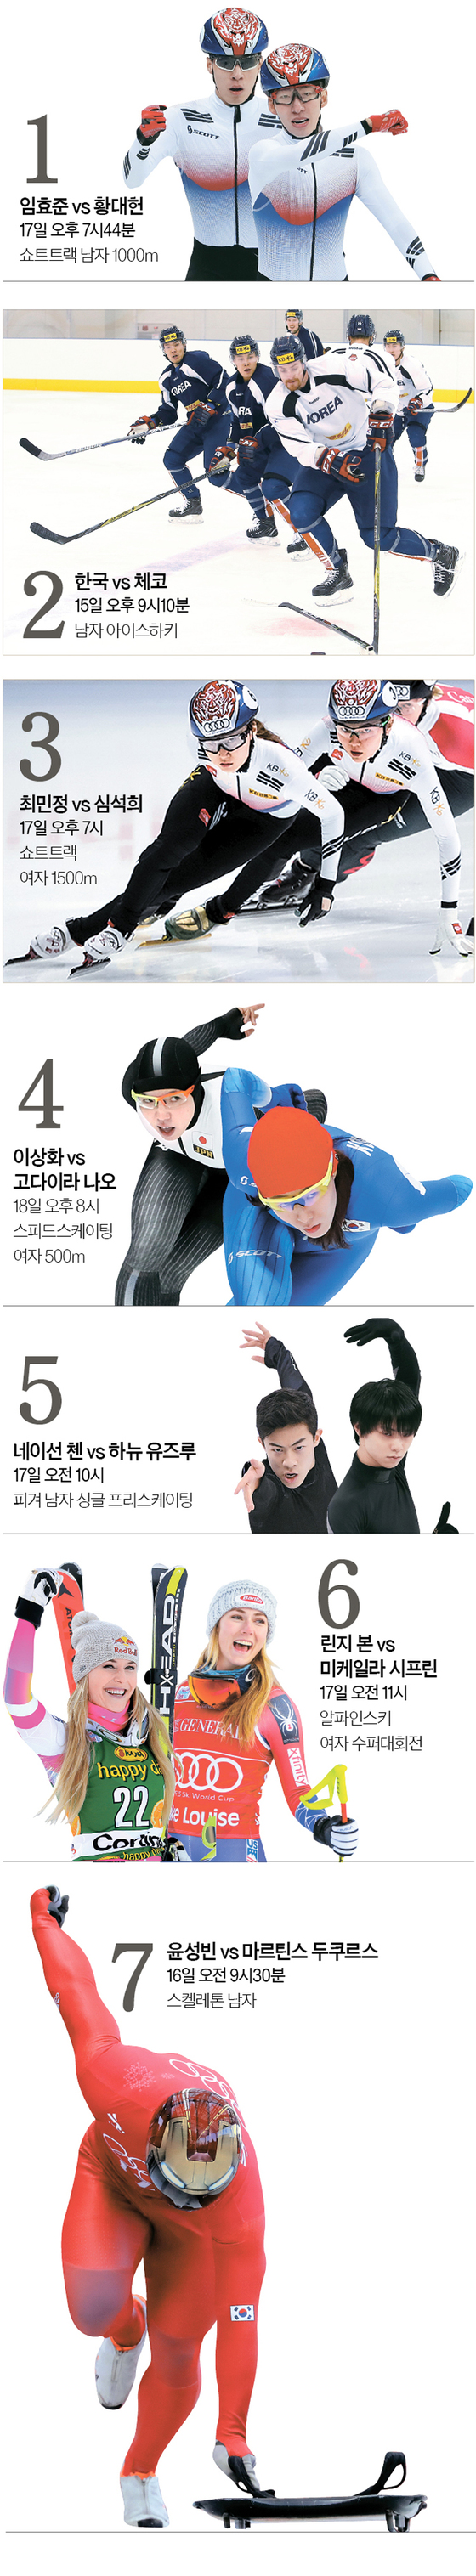 설 연휴 볼만한 빅매치7